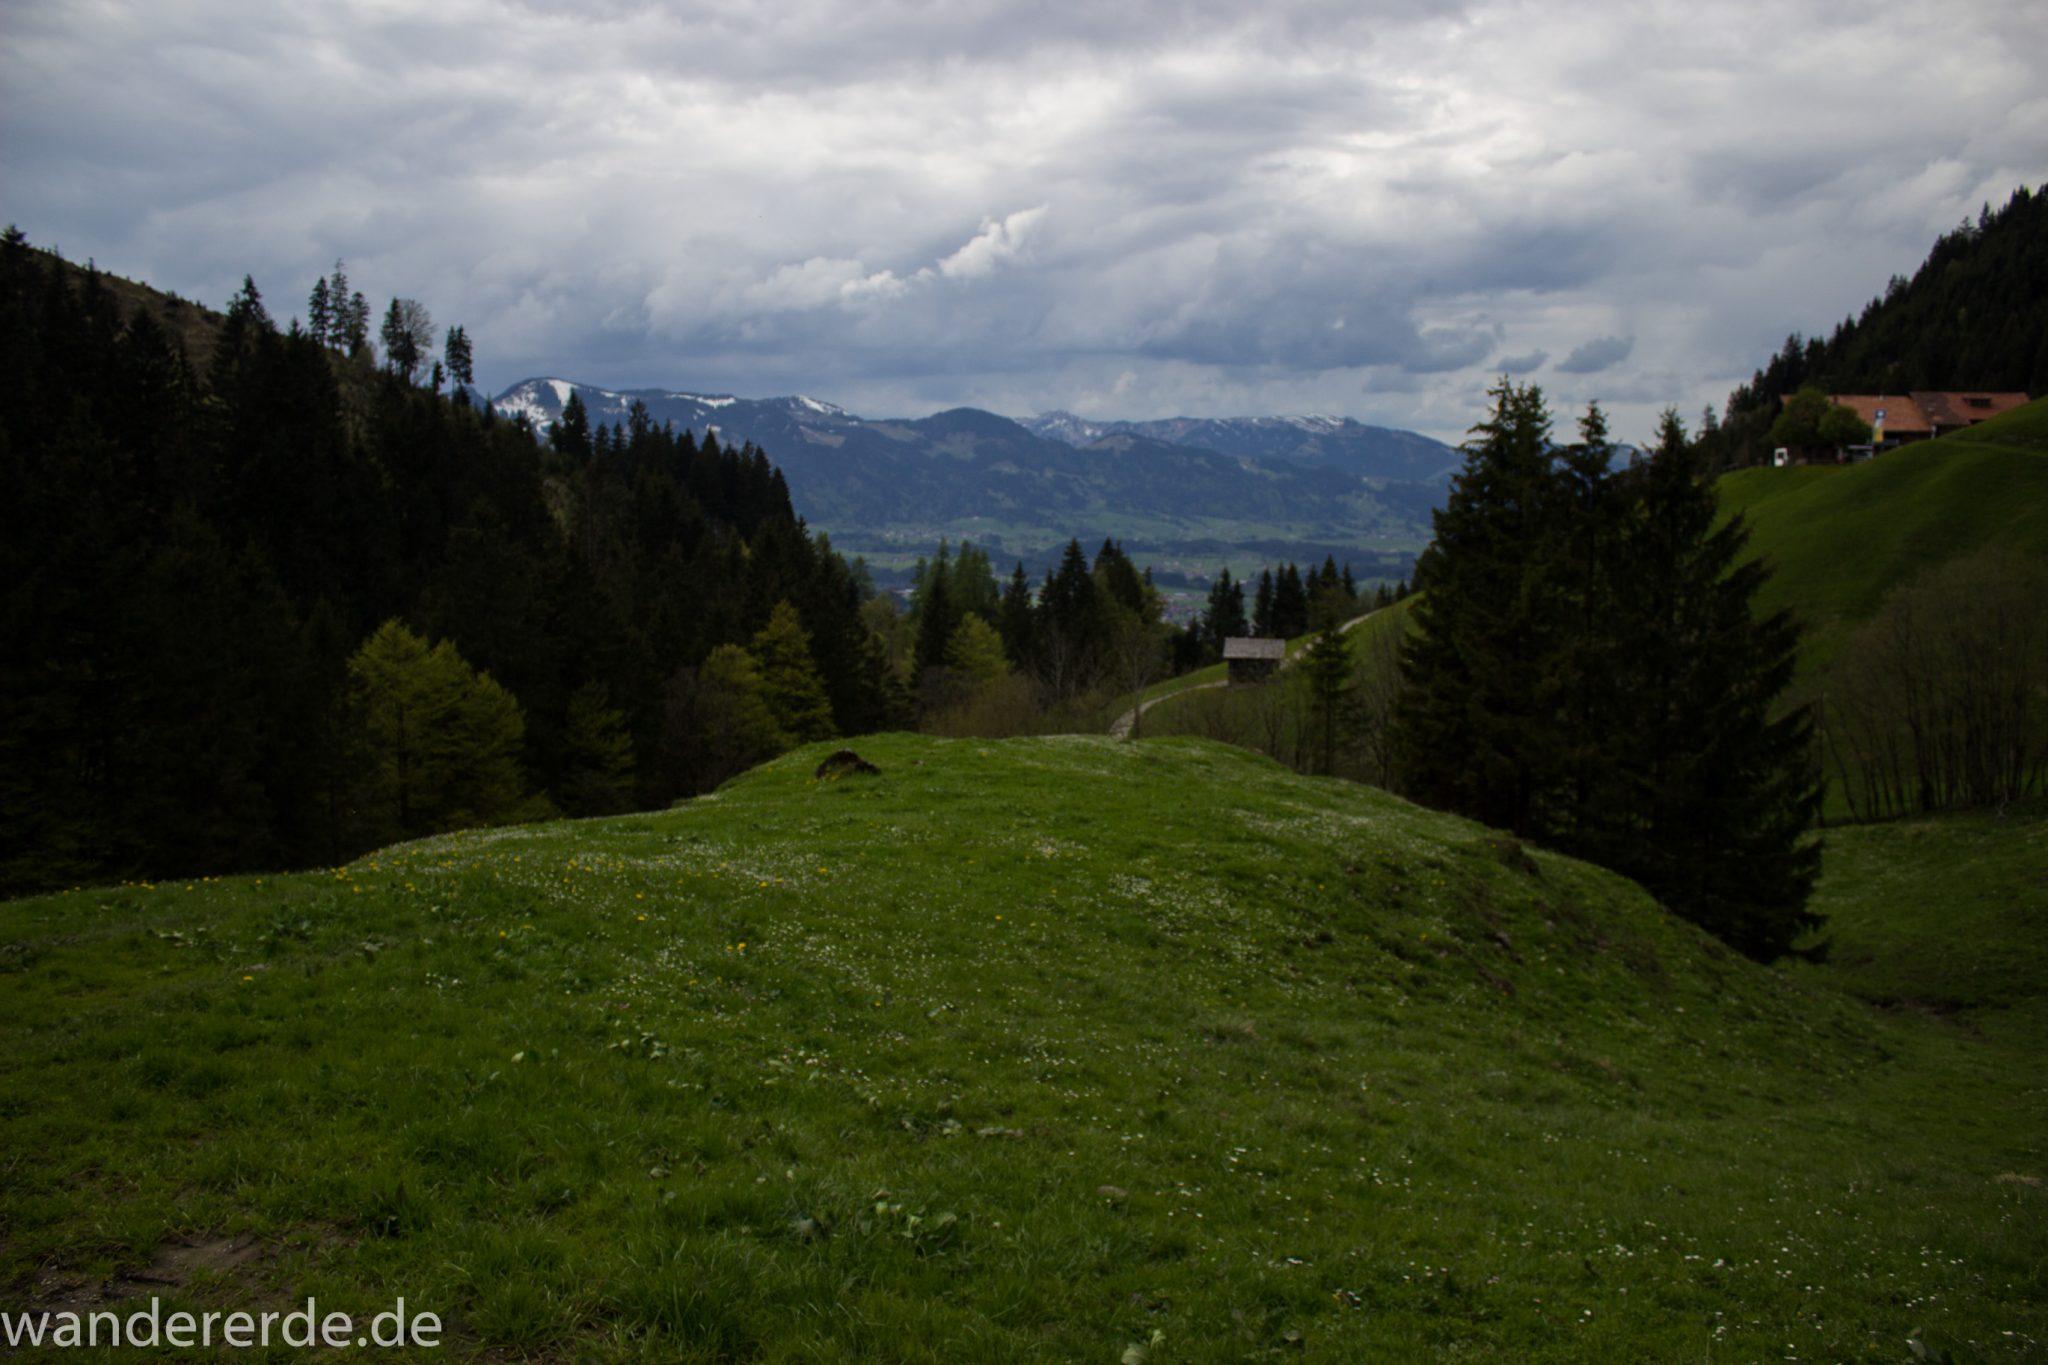 Wanderung Unterer Gaisalpsee, Wanderweg von Oberstdorf im Allgäu, Frühling im Allgäu, umgeben von schönem dichtem Mischwald und saftig grüne Wiesen, Blick auf Berge im Allgäu, abwechselungsreicher Wanderweg von Oberstdorf zum Unteren Gaisalpsee